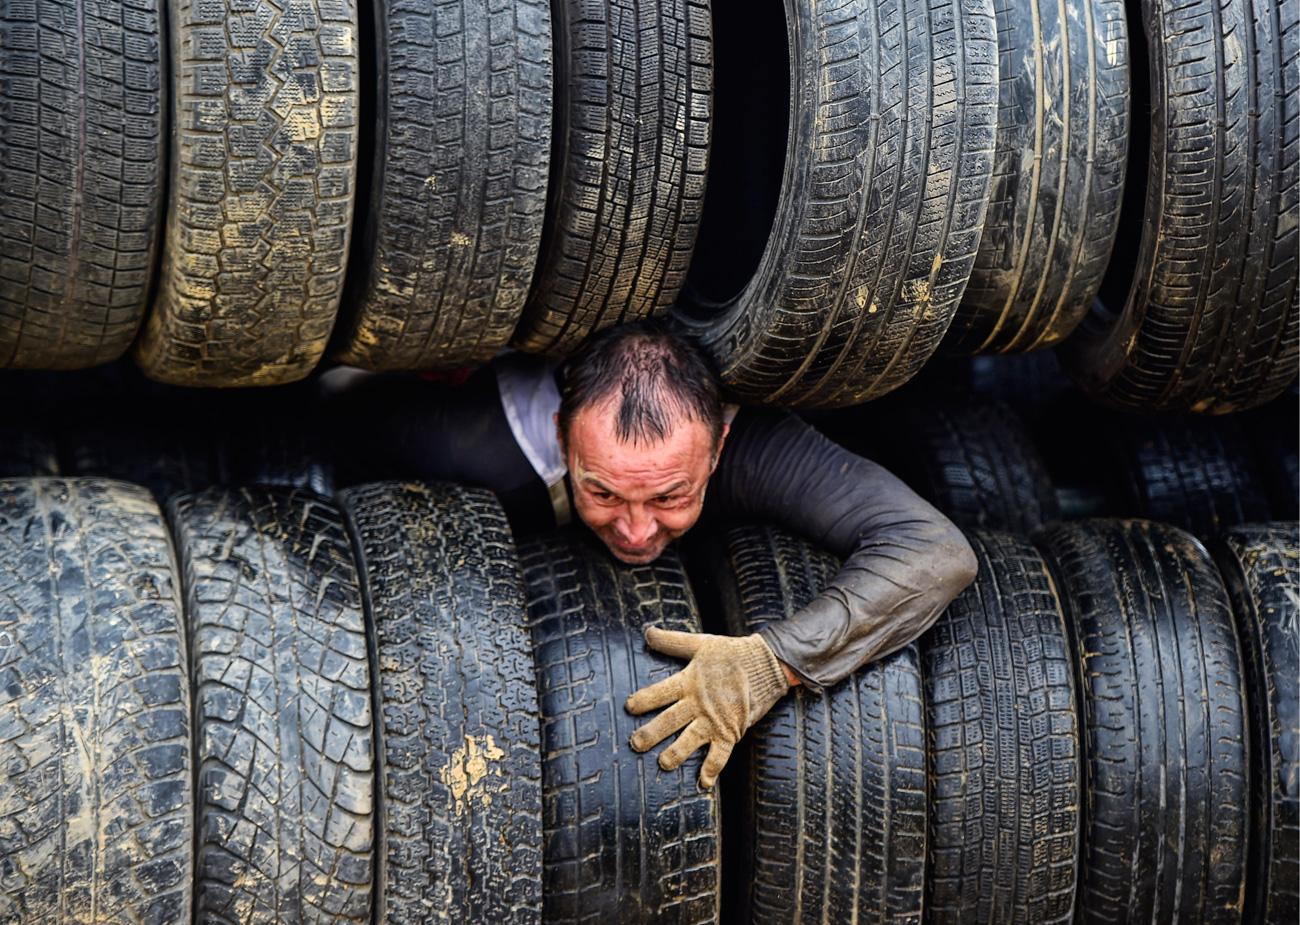 """""""Трка хероја"""" – јединствена своје врсте масовна спортска манифестација. Учесници покушавају да савладаја препреке разрађене за обуку специјалних јединица Армије Русије."""